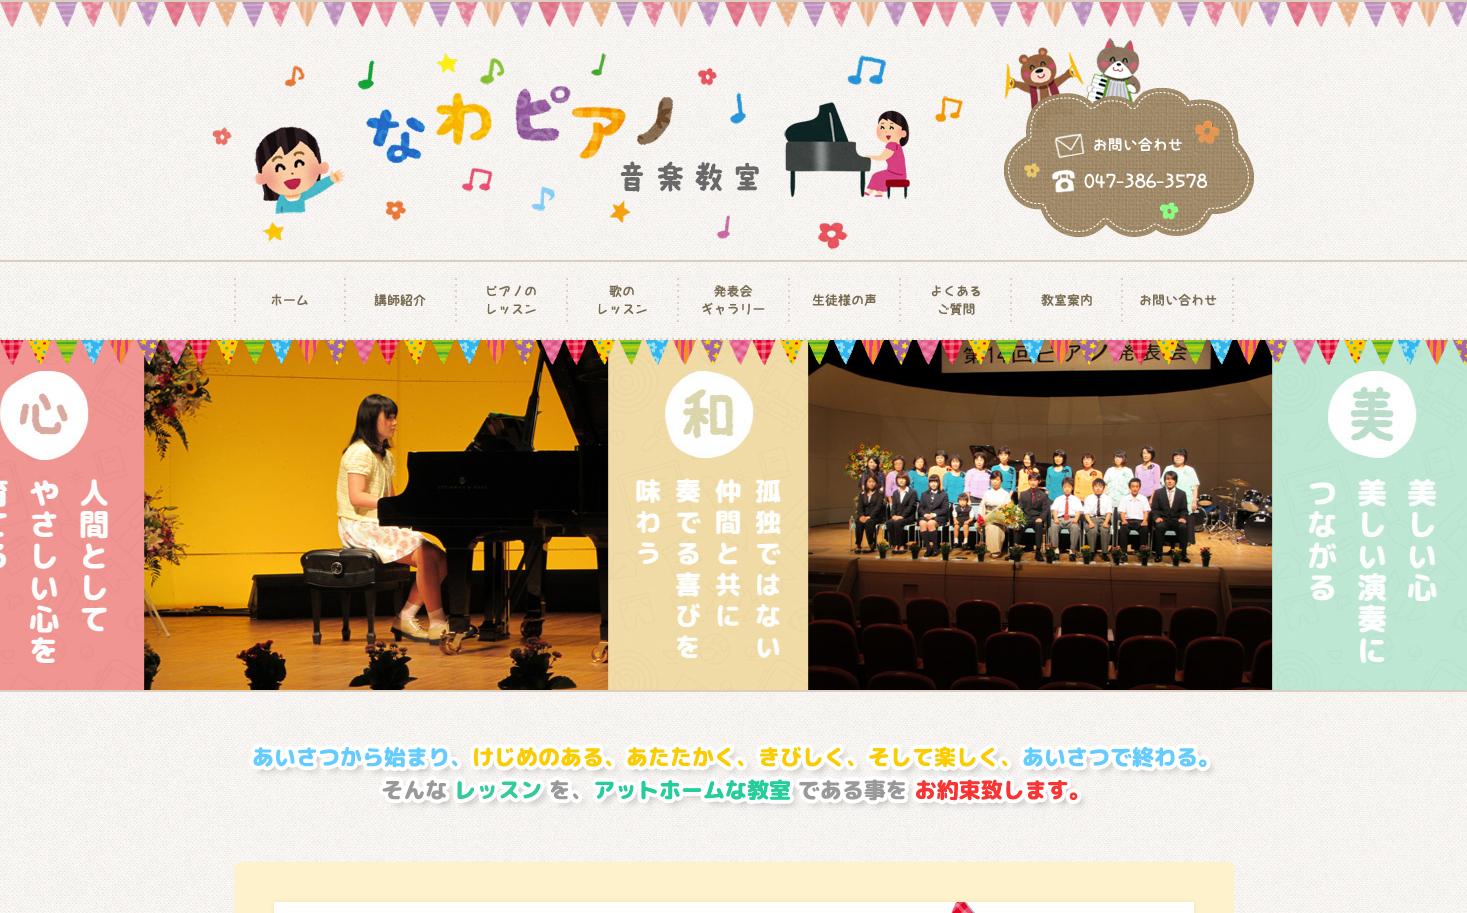 名輪ピアノ音楽教室のサムネイル